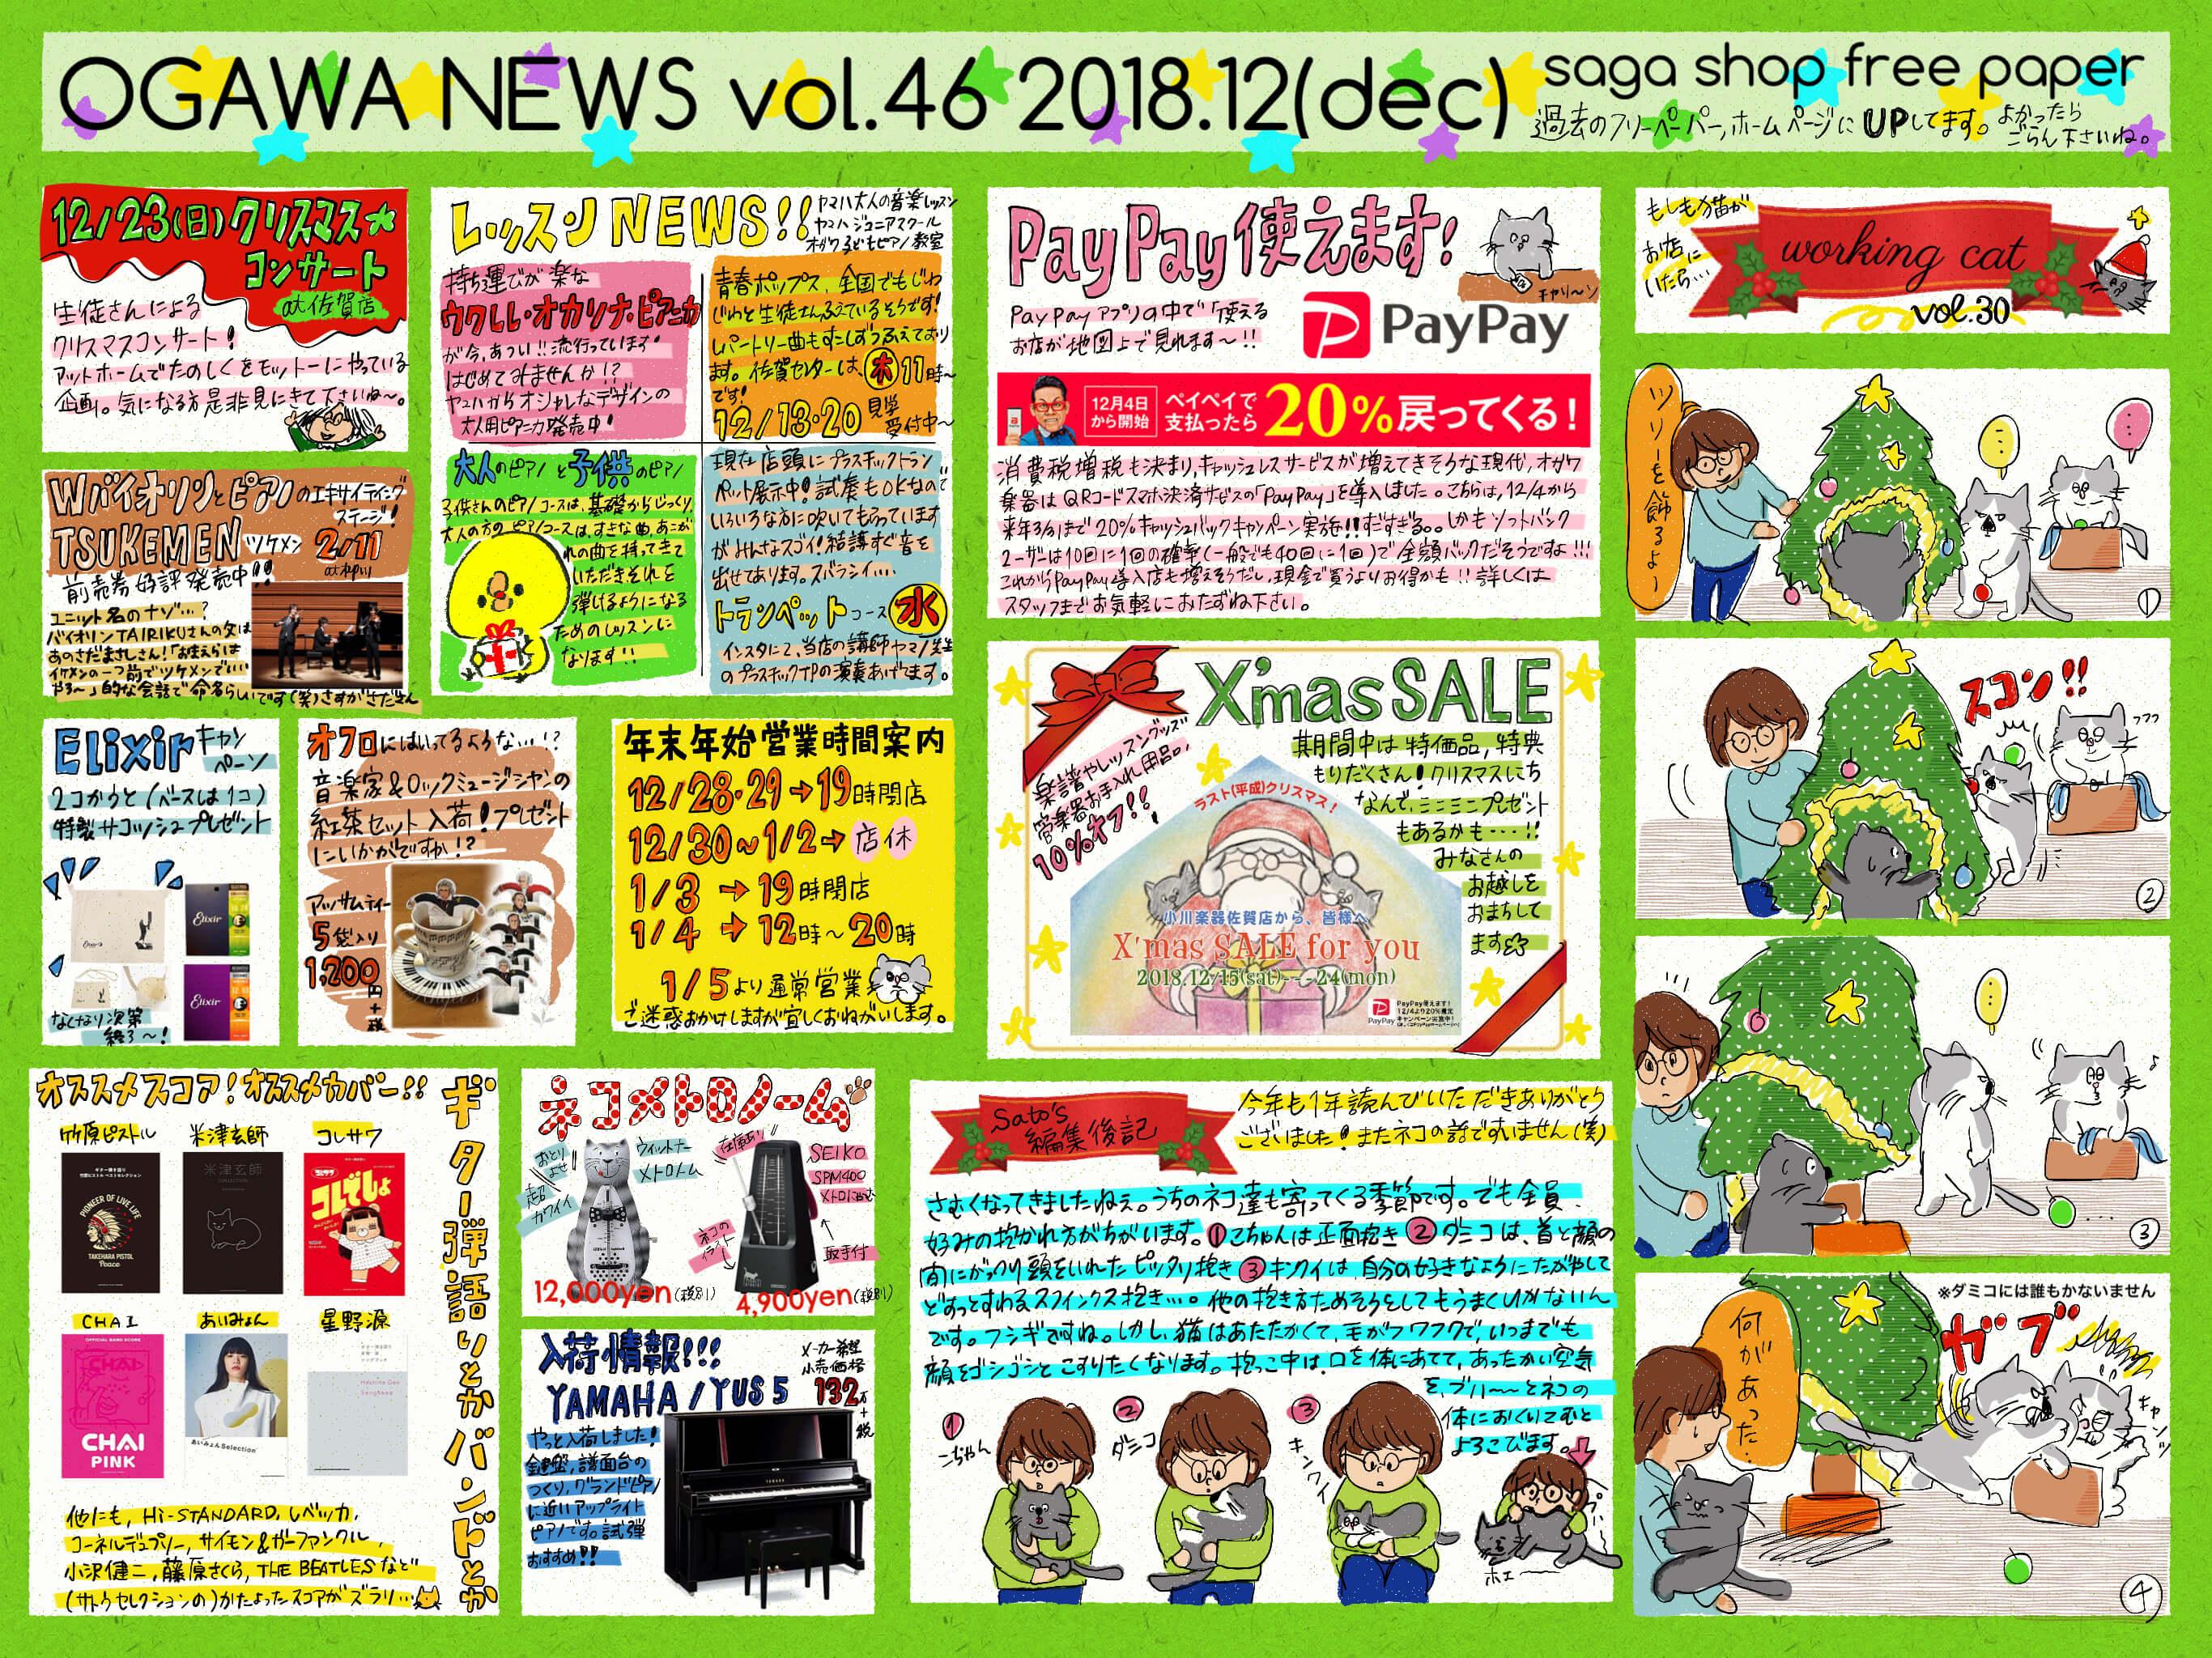 【佐賀店フリーペーパー】vol.46 2018年12月号